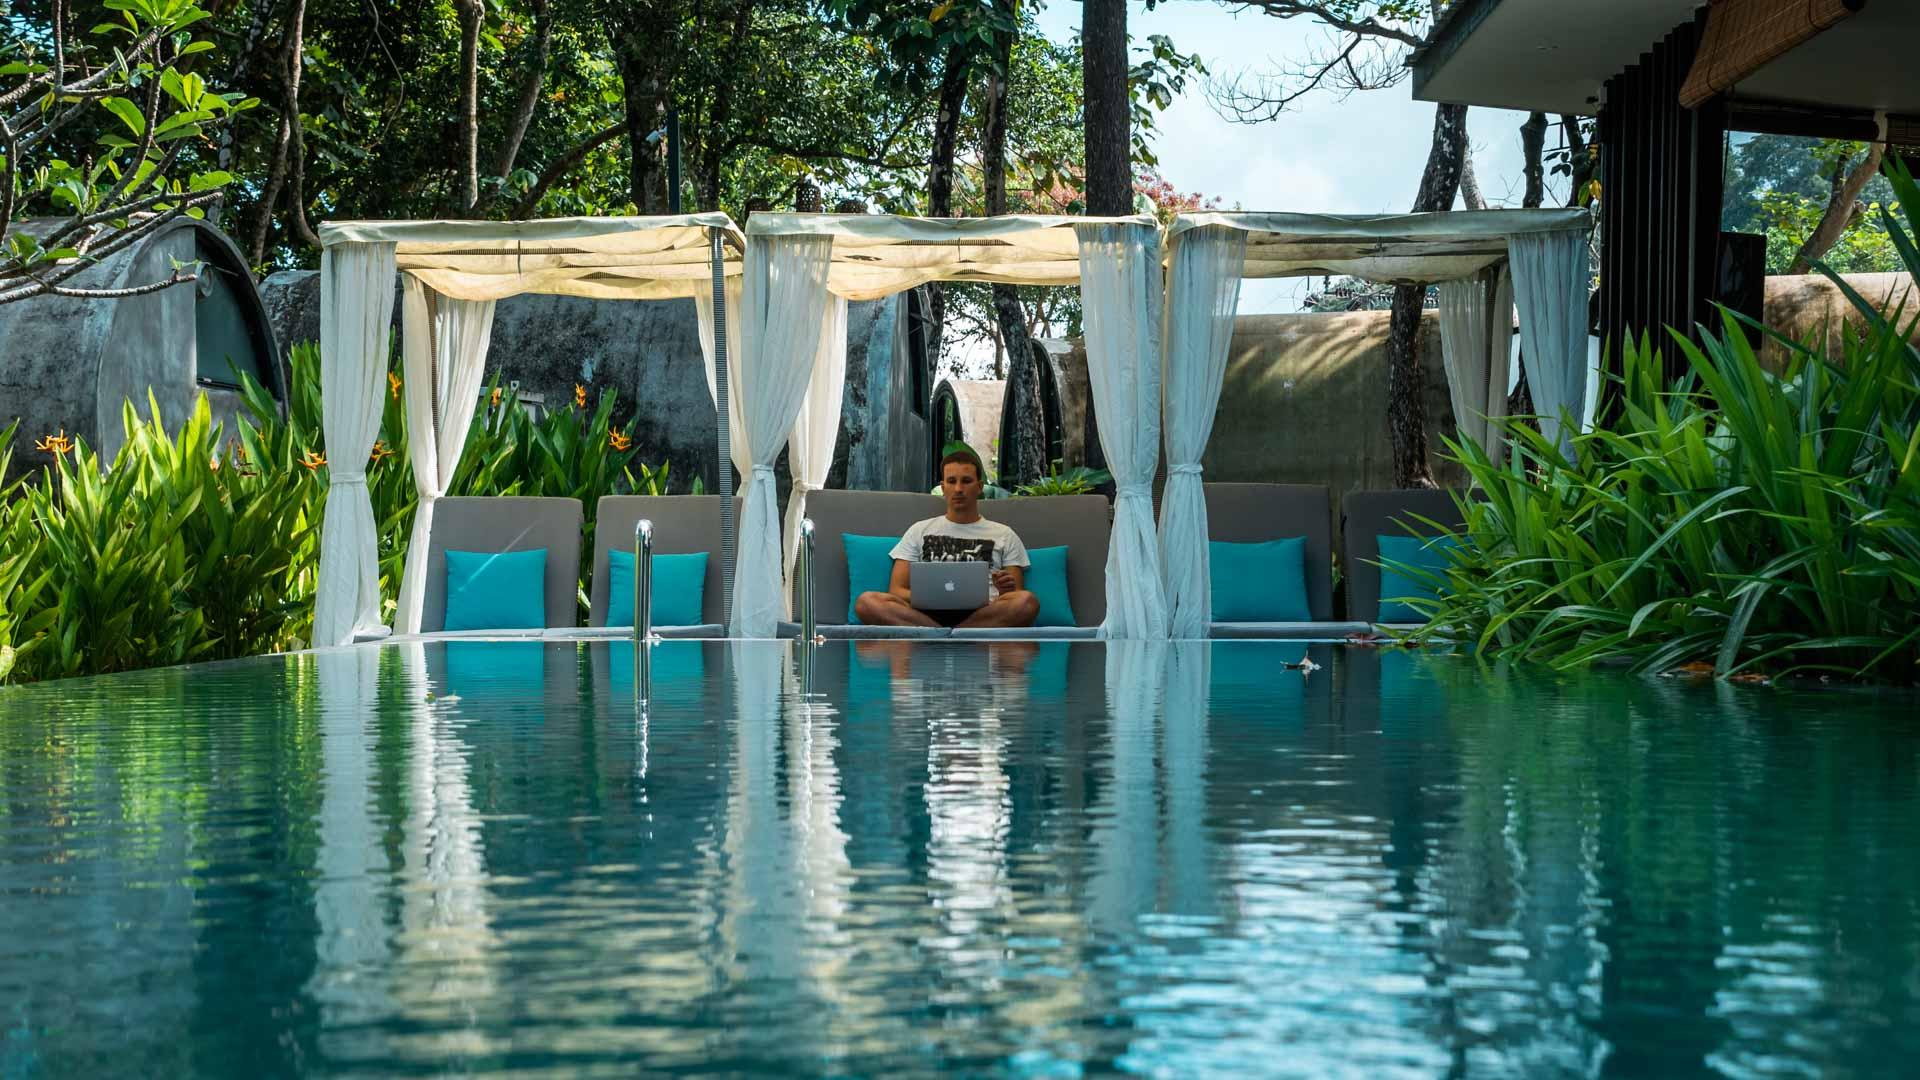 Praca zdalna przy basenie, Culvert, Borneo, Malezja